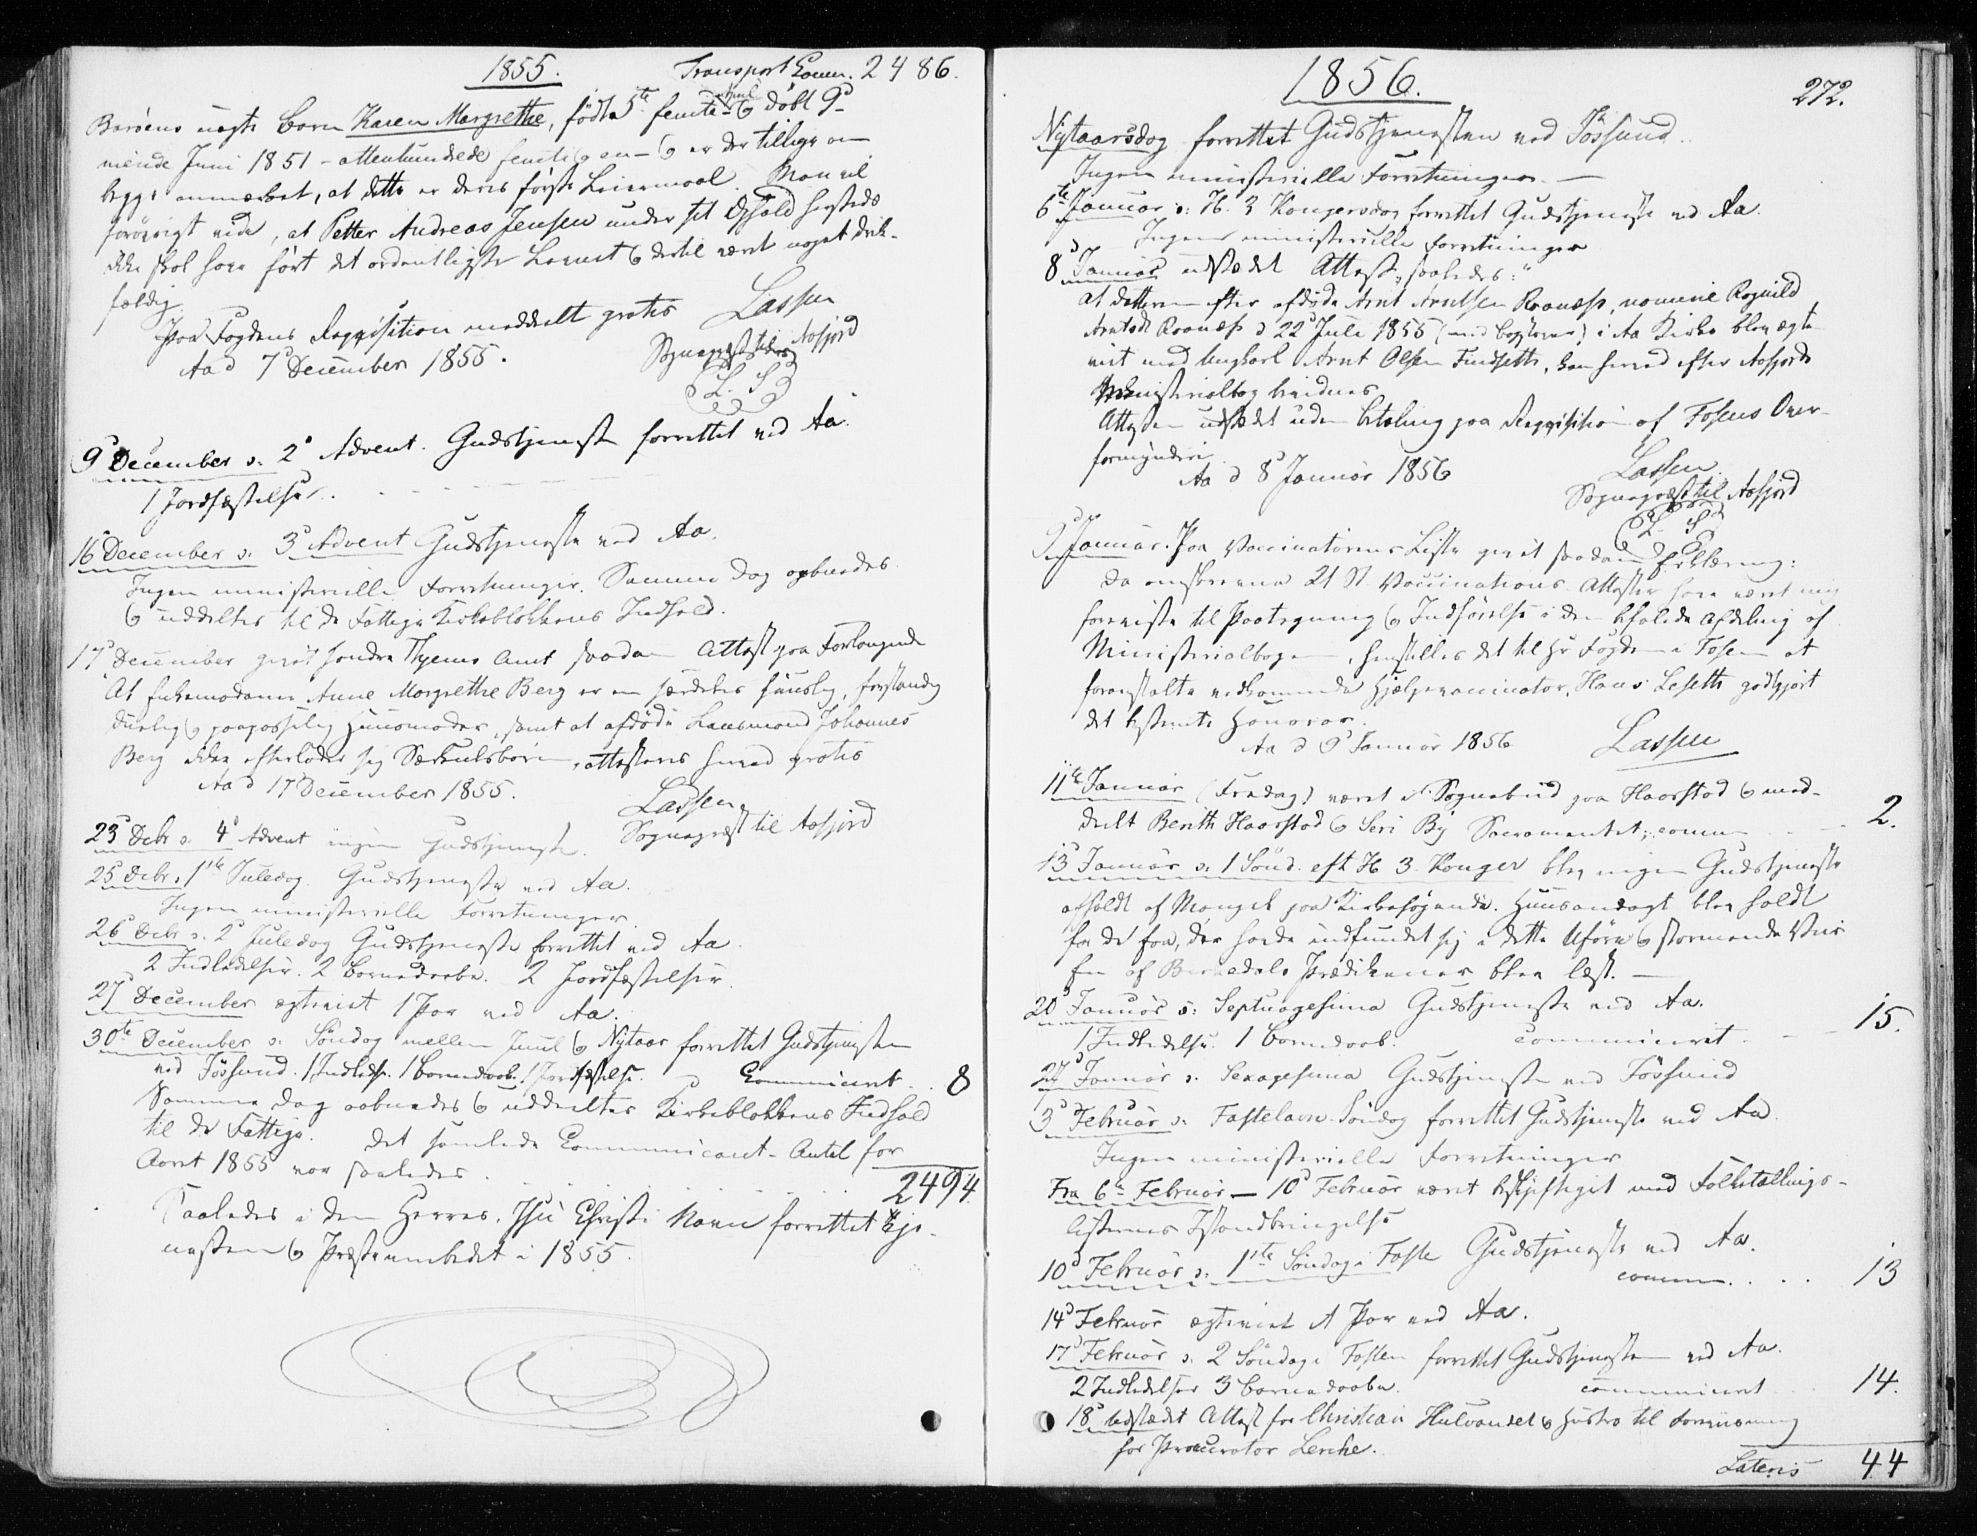 SAT, Ministerialprotokoller, klokkerbøker og fødselsregistre - Sør-Trøndelag, 655/L0677: Ministerialbok nr. 655A06, 1847-1860, s. 272